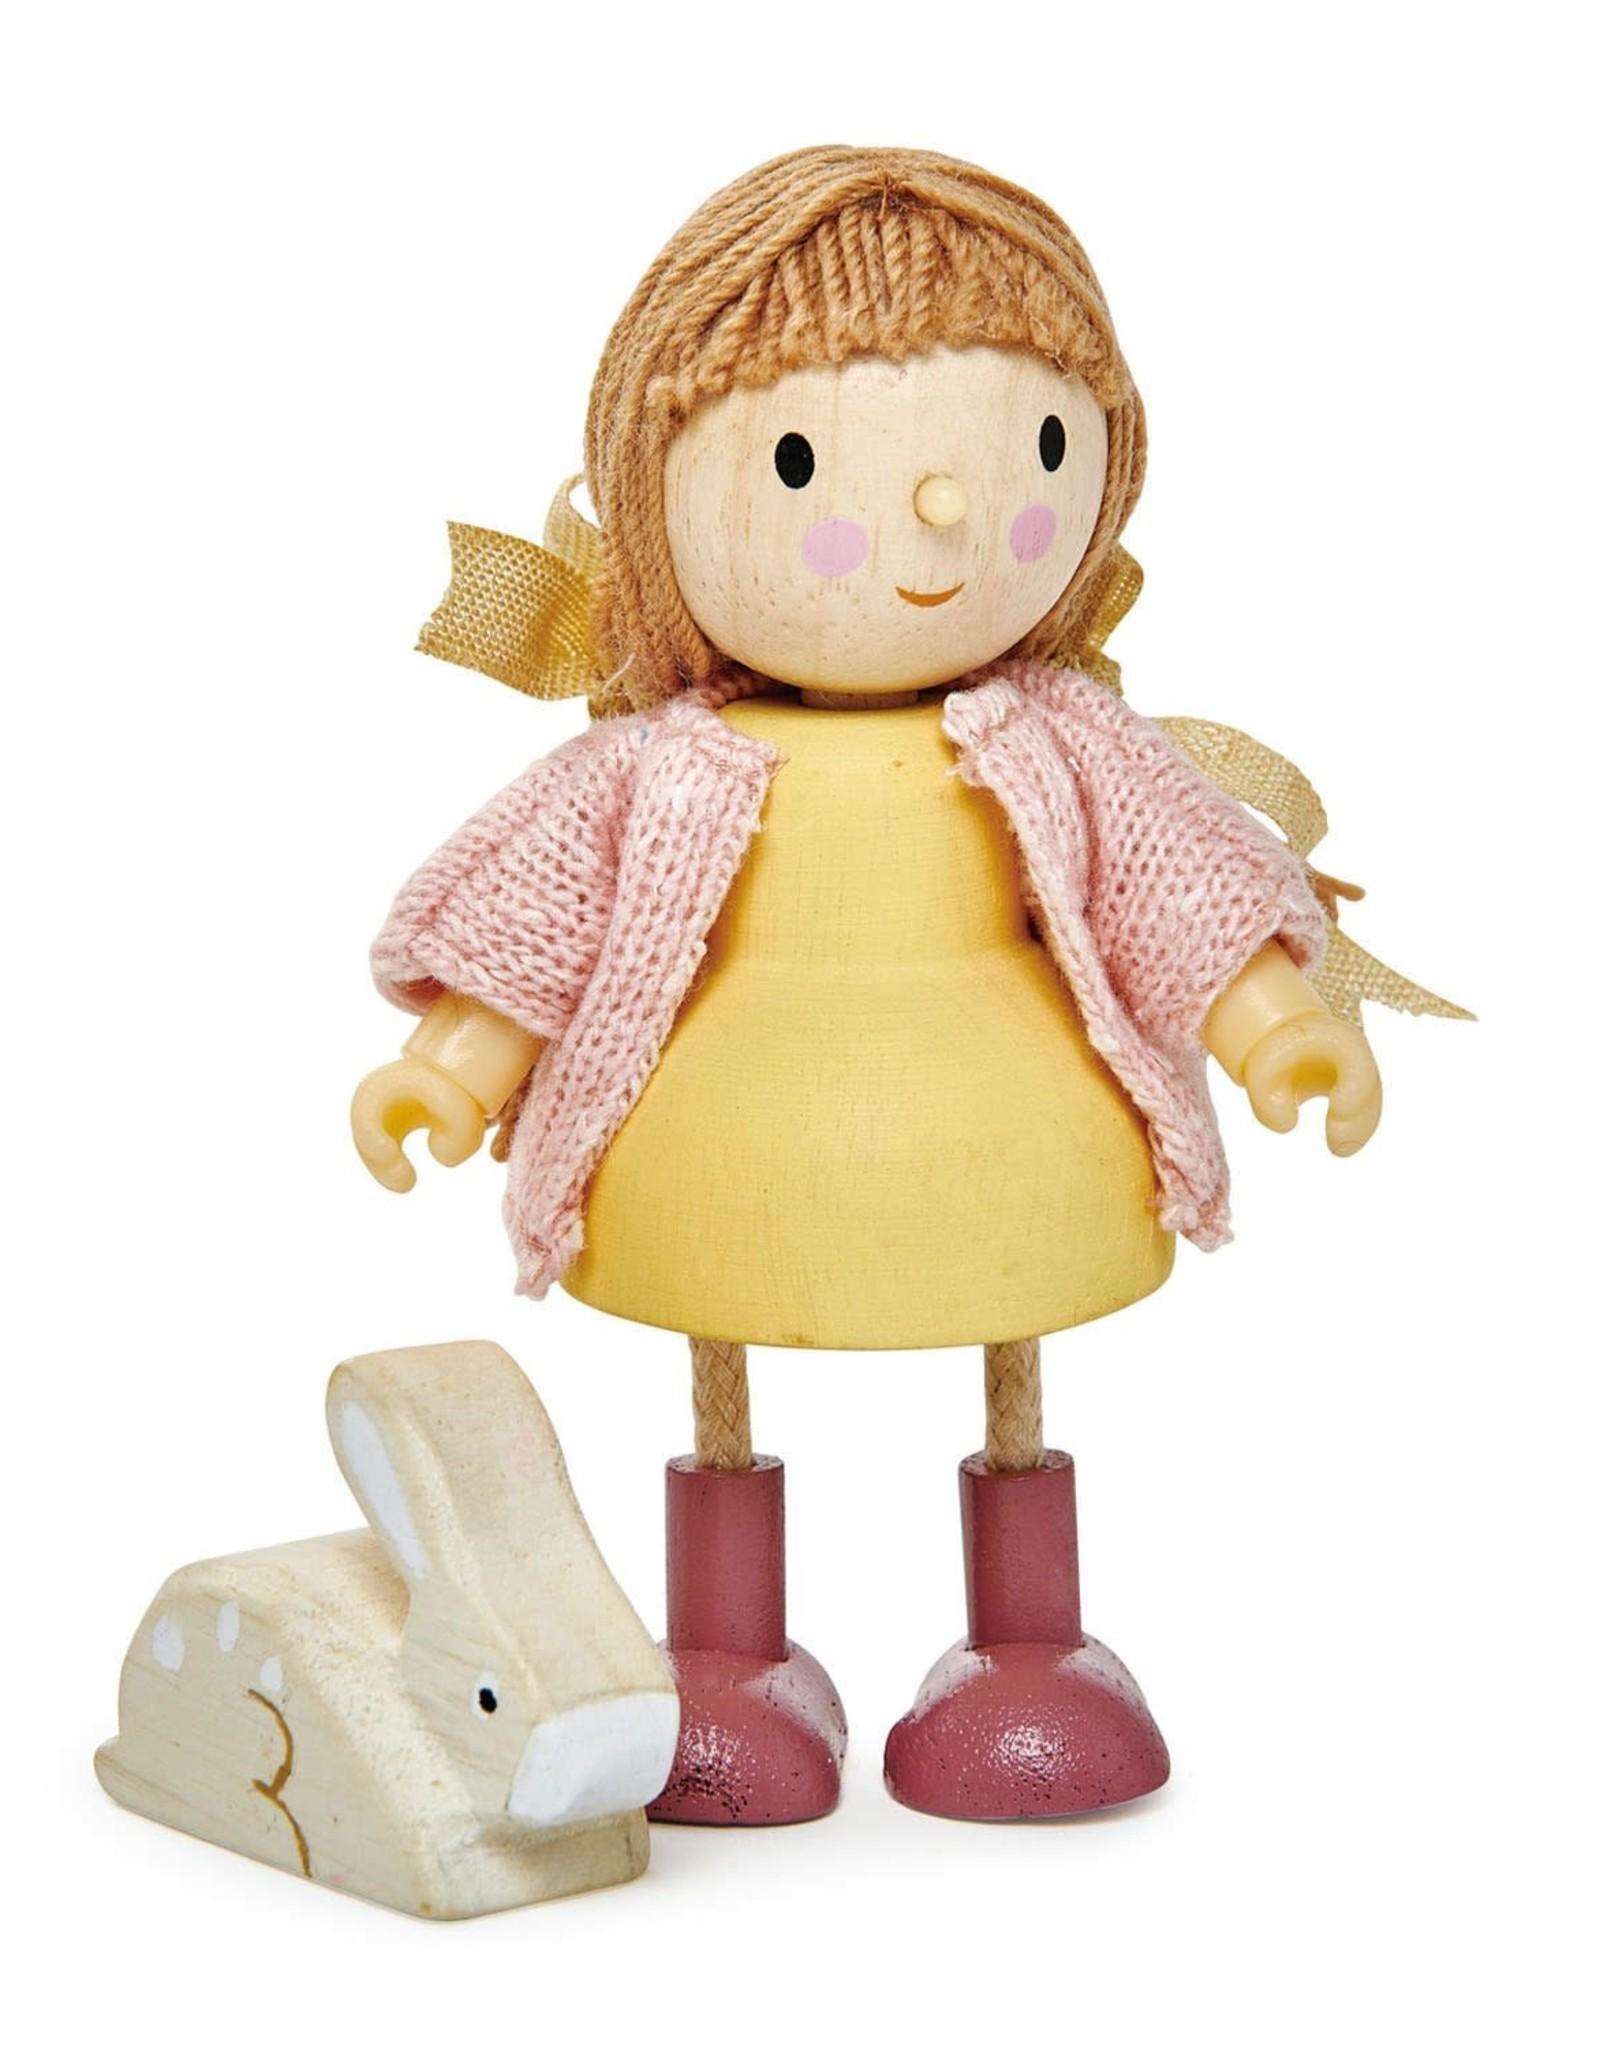 Tender Leaf Tender Leaf Amy and her Rabbit- Wooden Doll Set